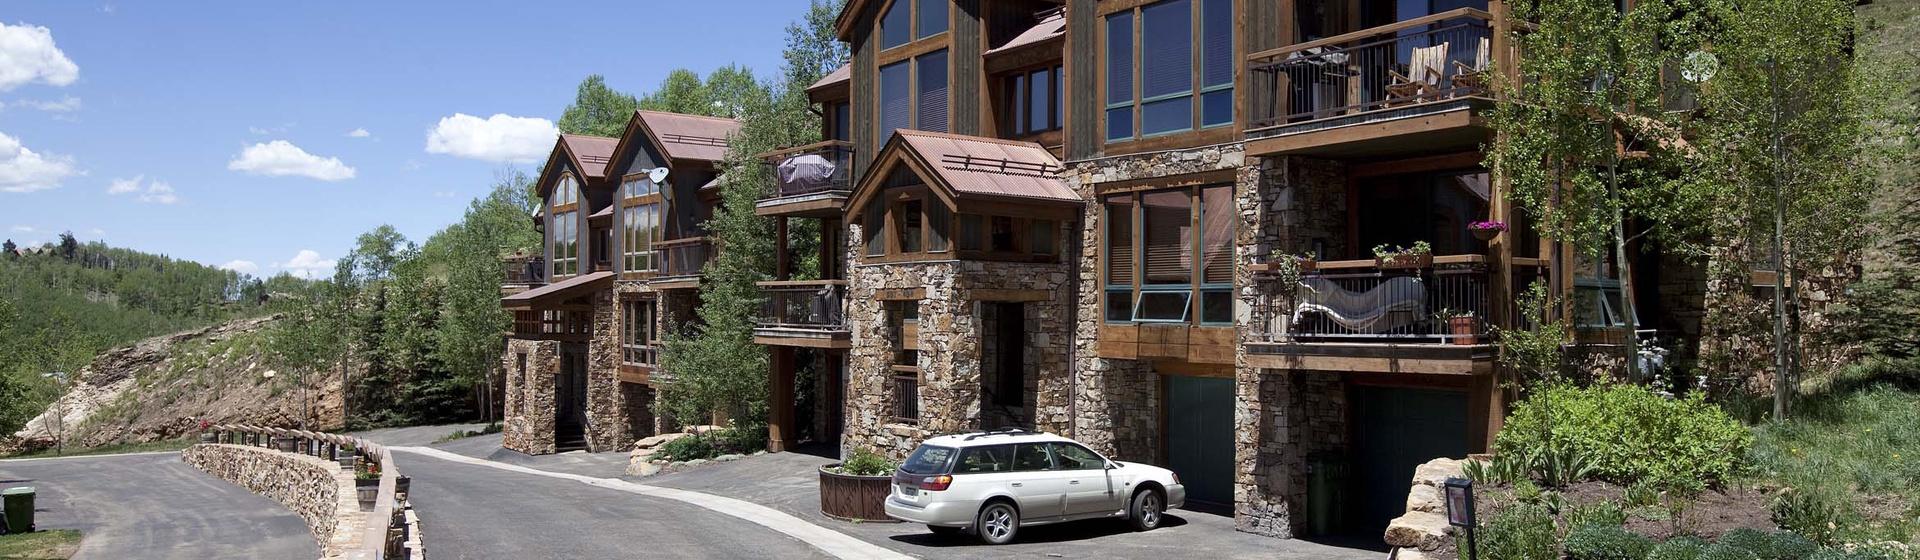 12-Mountain-Village-Terraces-101-Exterior-V12